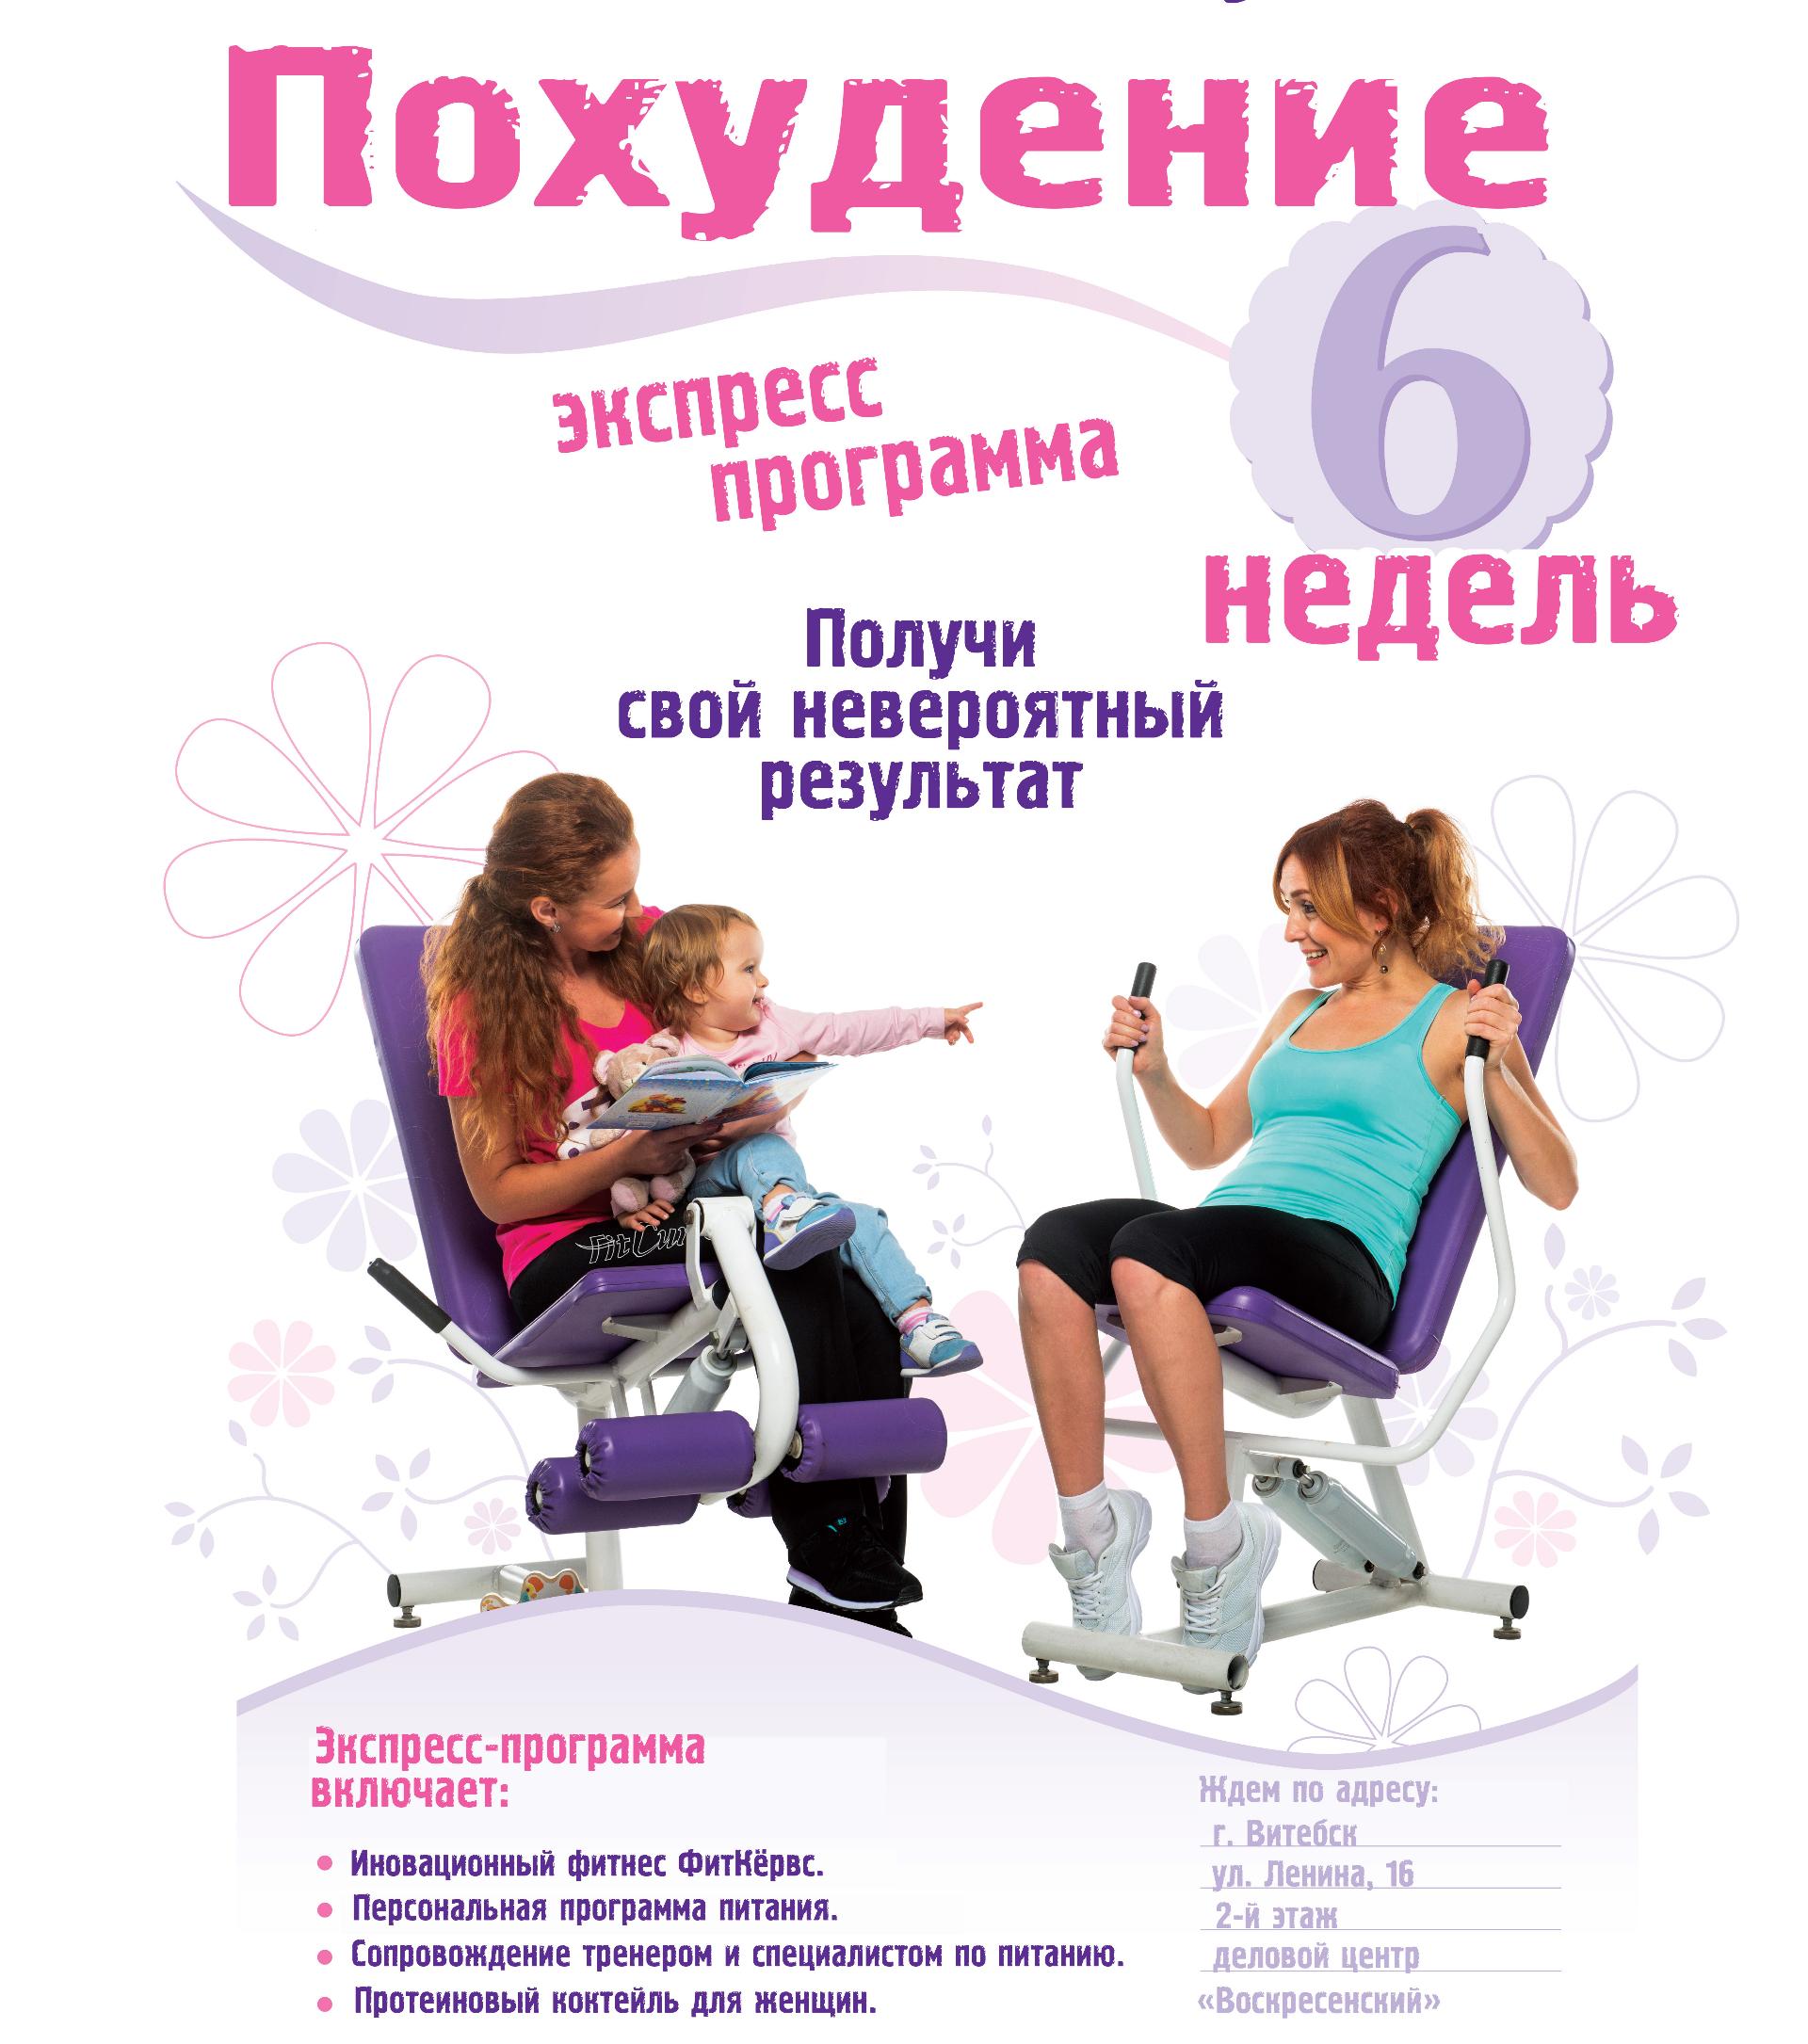 Фитнес Клуб С Программой Похудения. Фитнес-программа для похудения в домашних условиях и в тренажерном зале